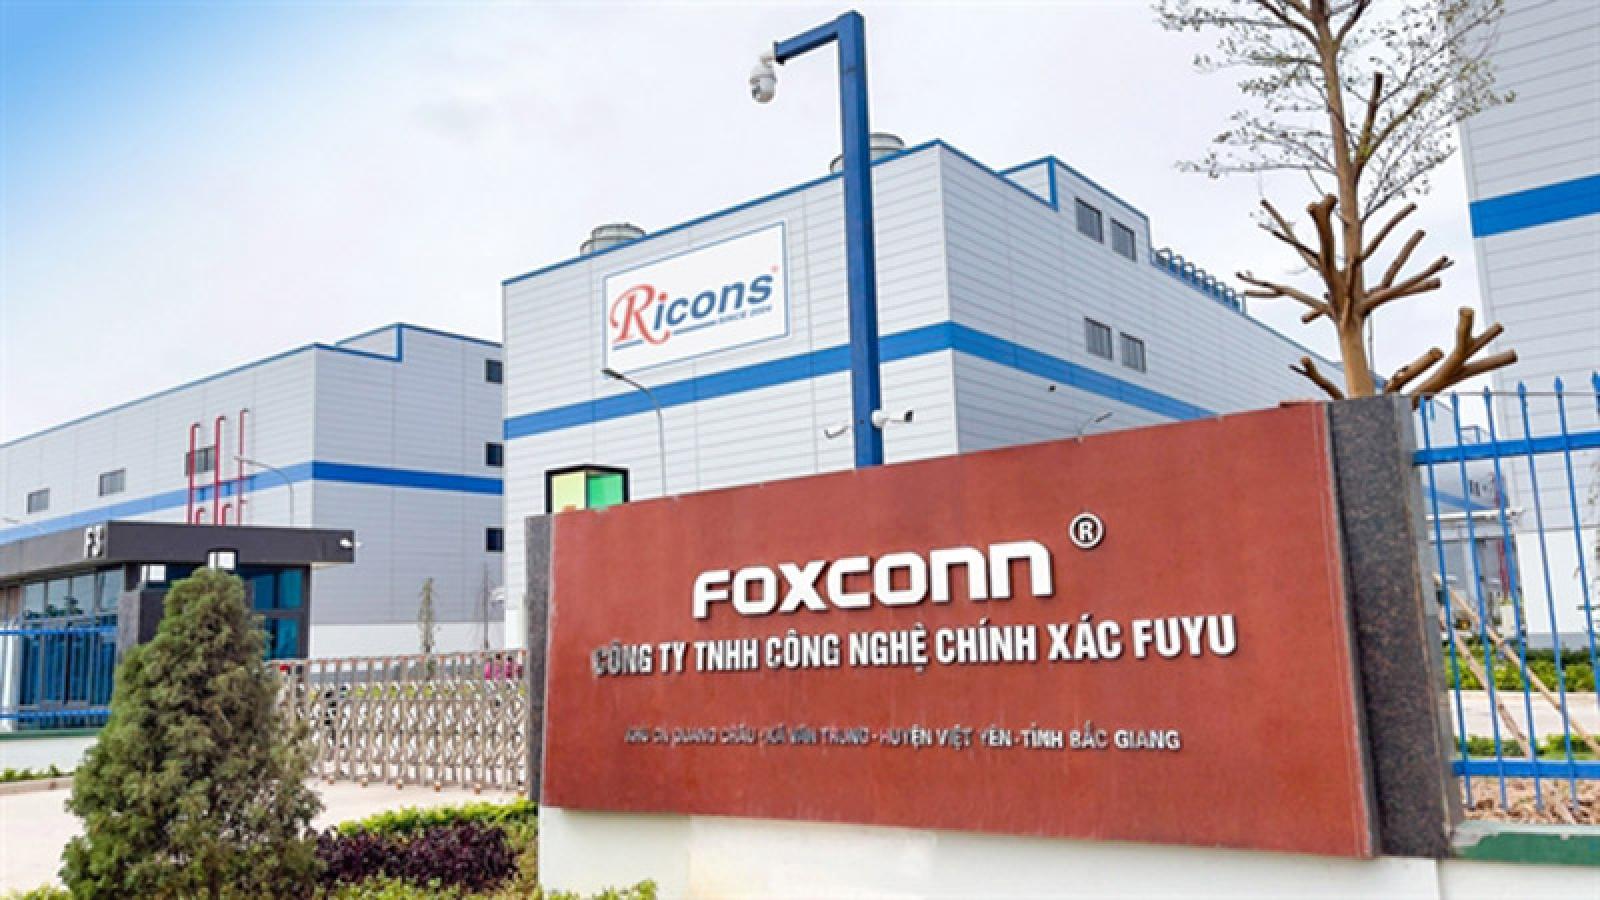 Nhà máy Foxconn và Luxshare tại Việt Nam đóng cửa vì Covid-19 bùng phát